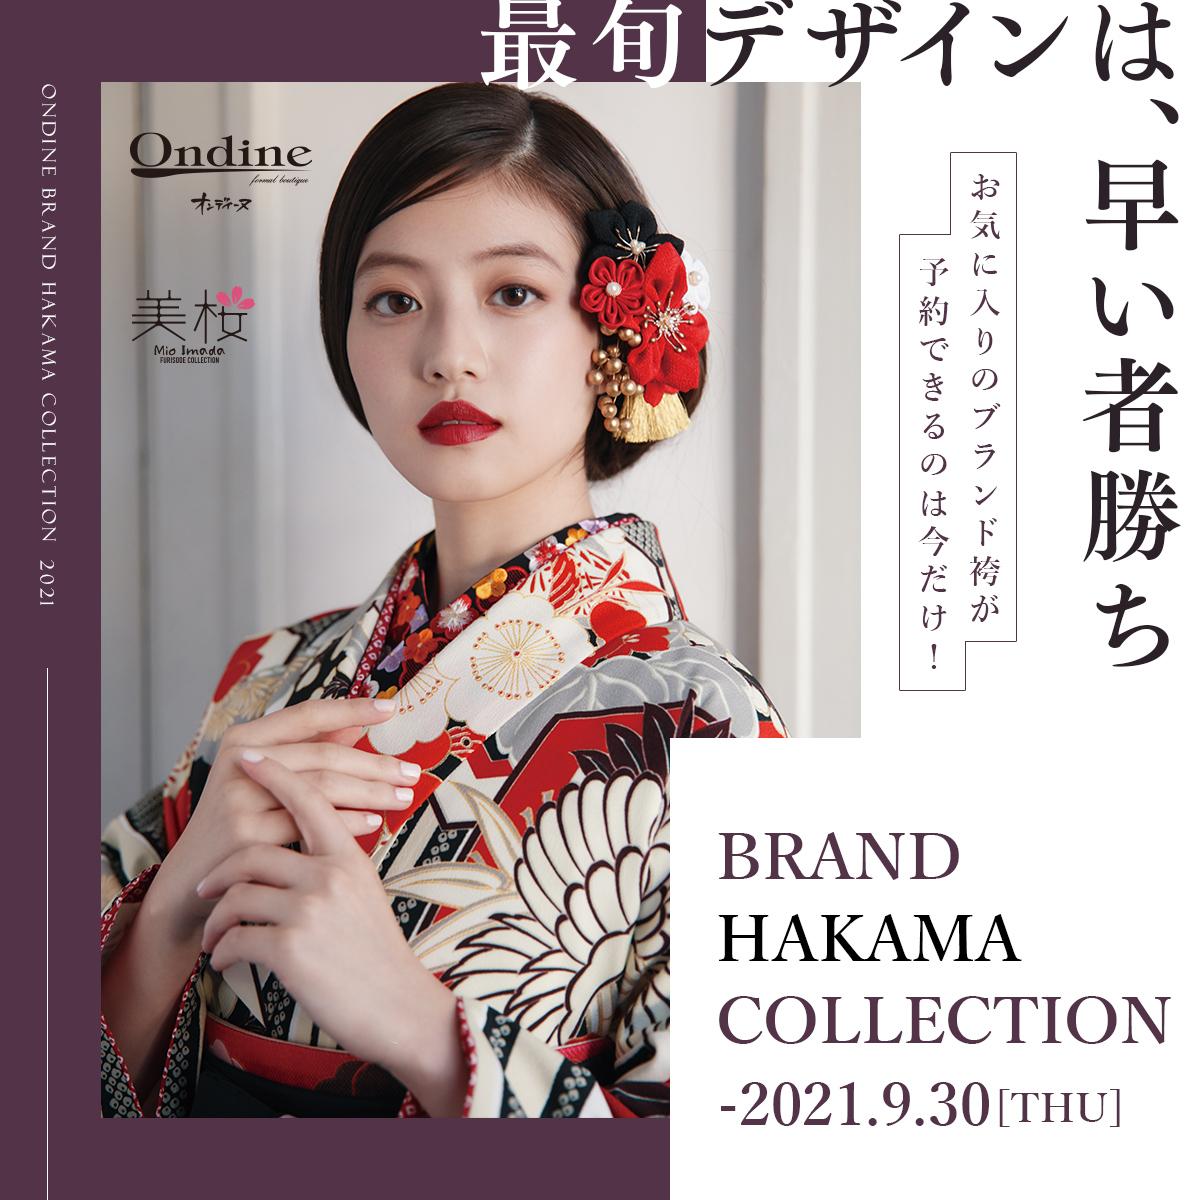 【長野店】BRAND HAKAMA COLLECTION開催!